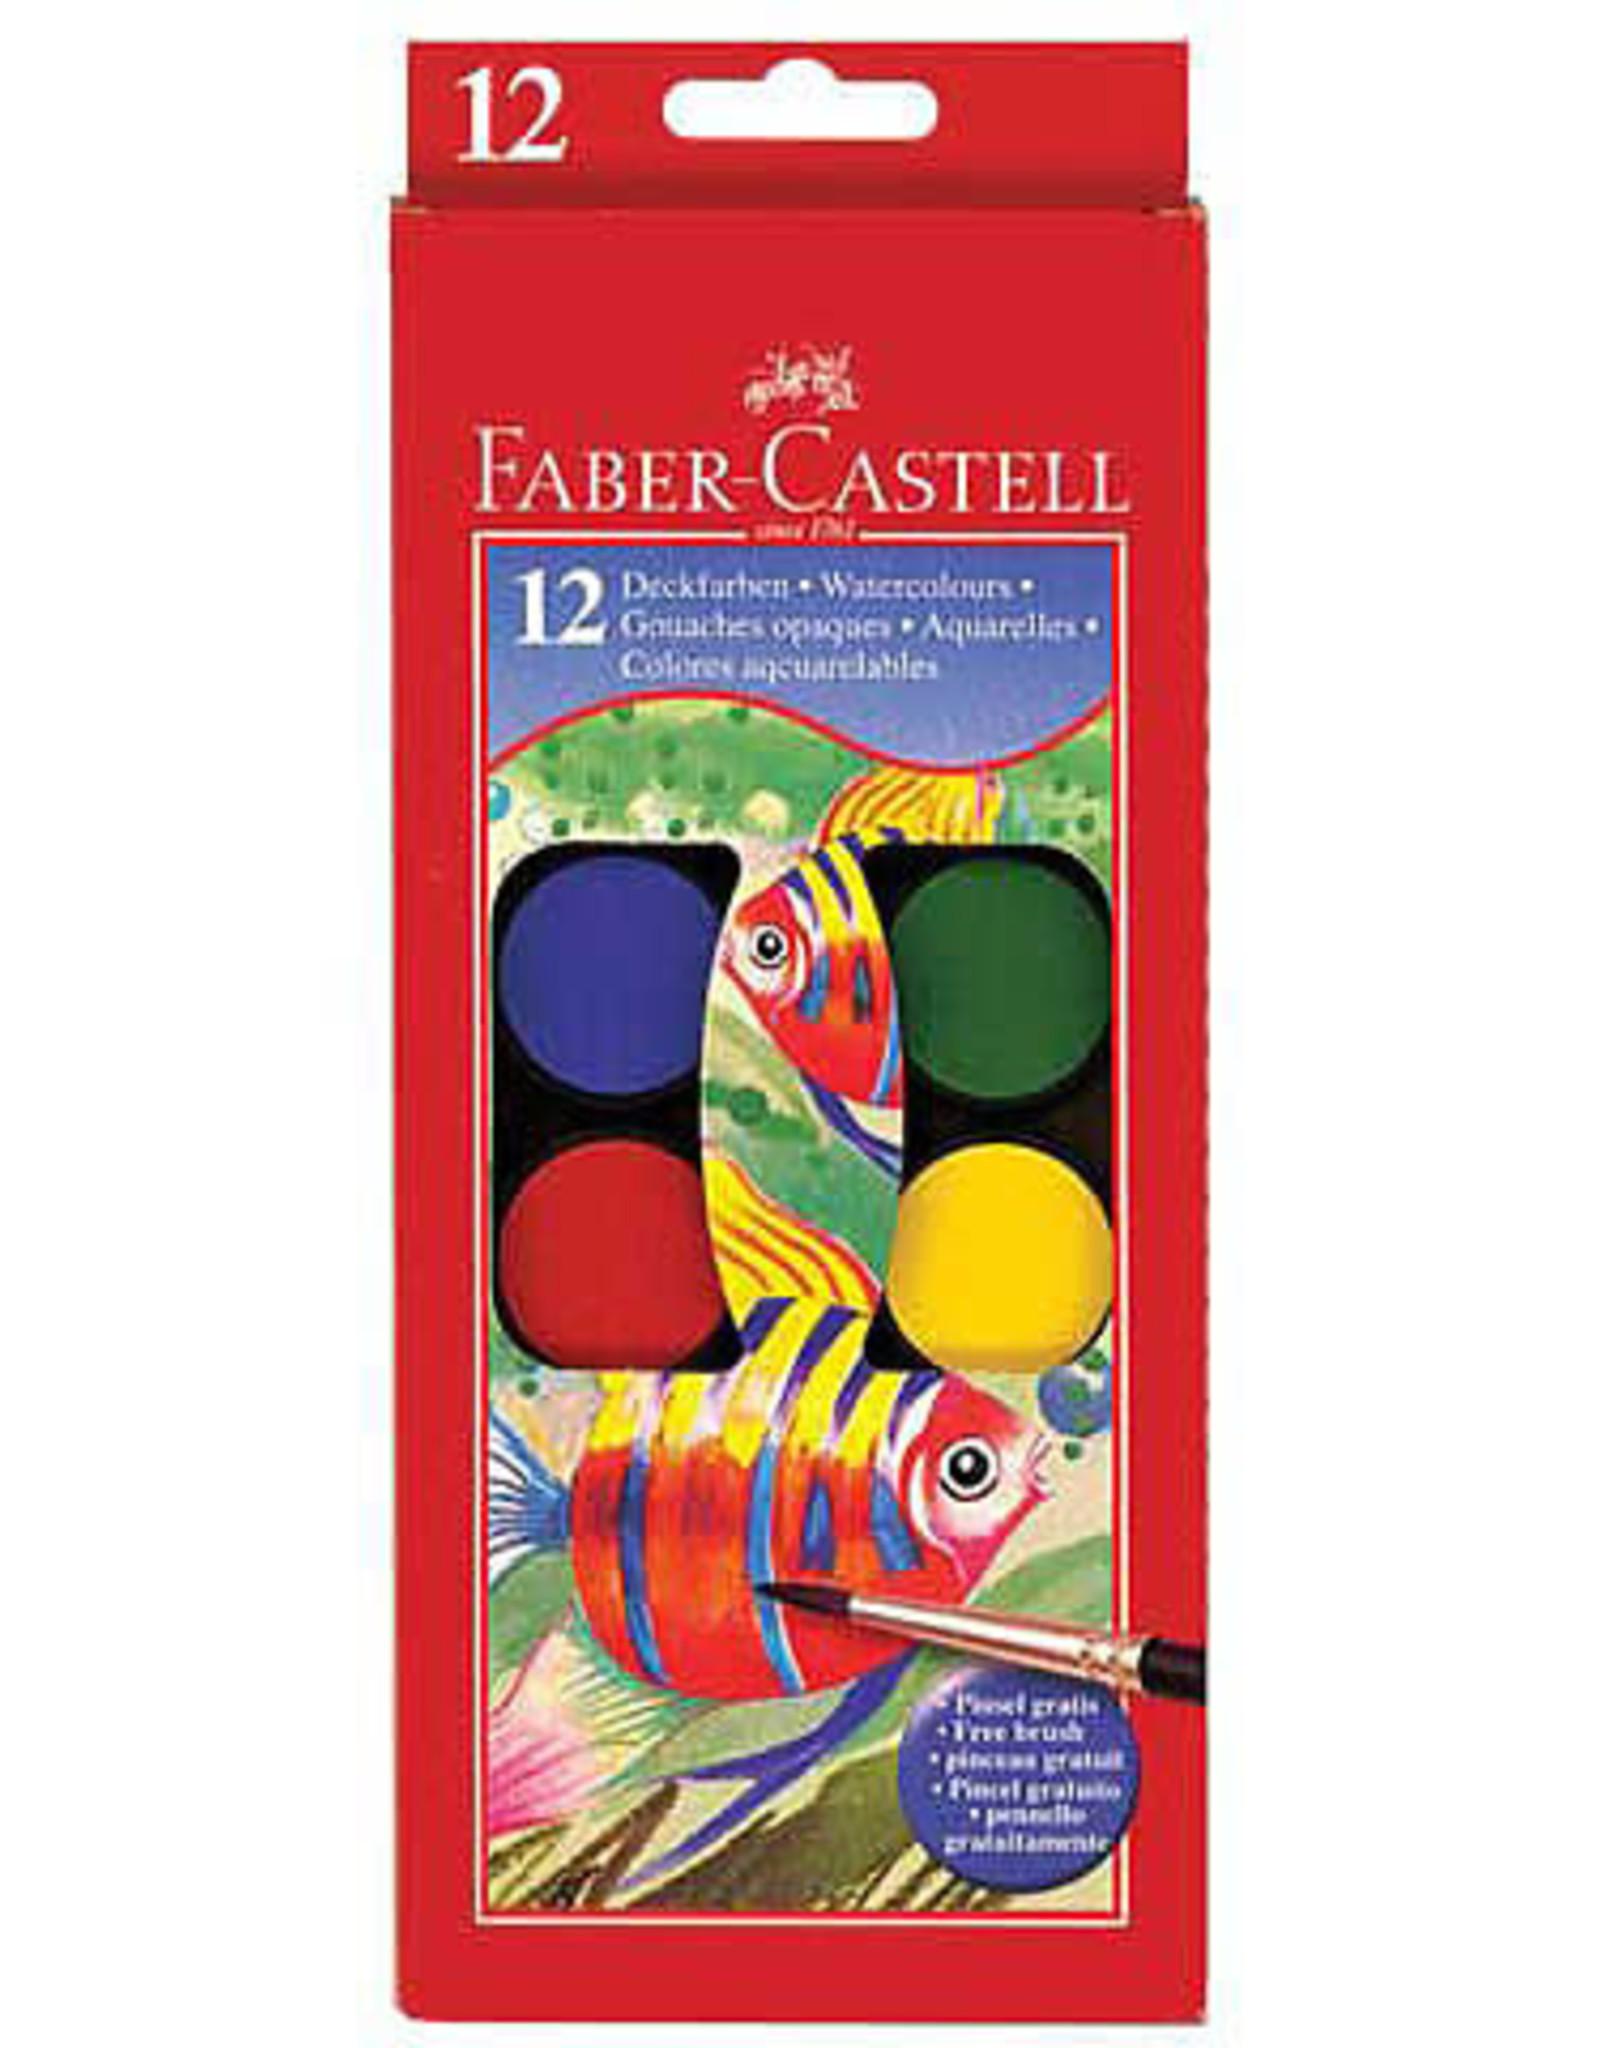 Faber-Castell Children's 12 Color Watercolor Paint Set